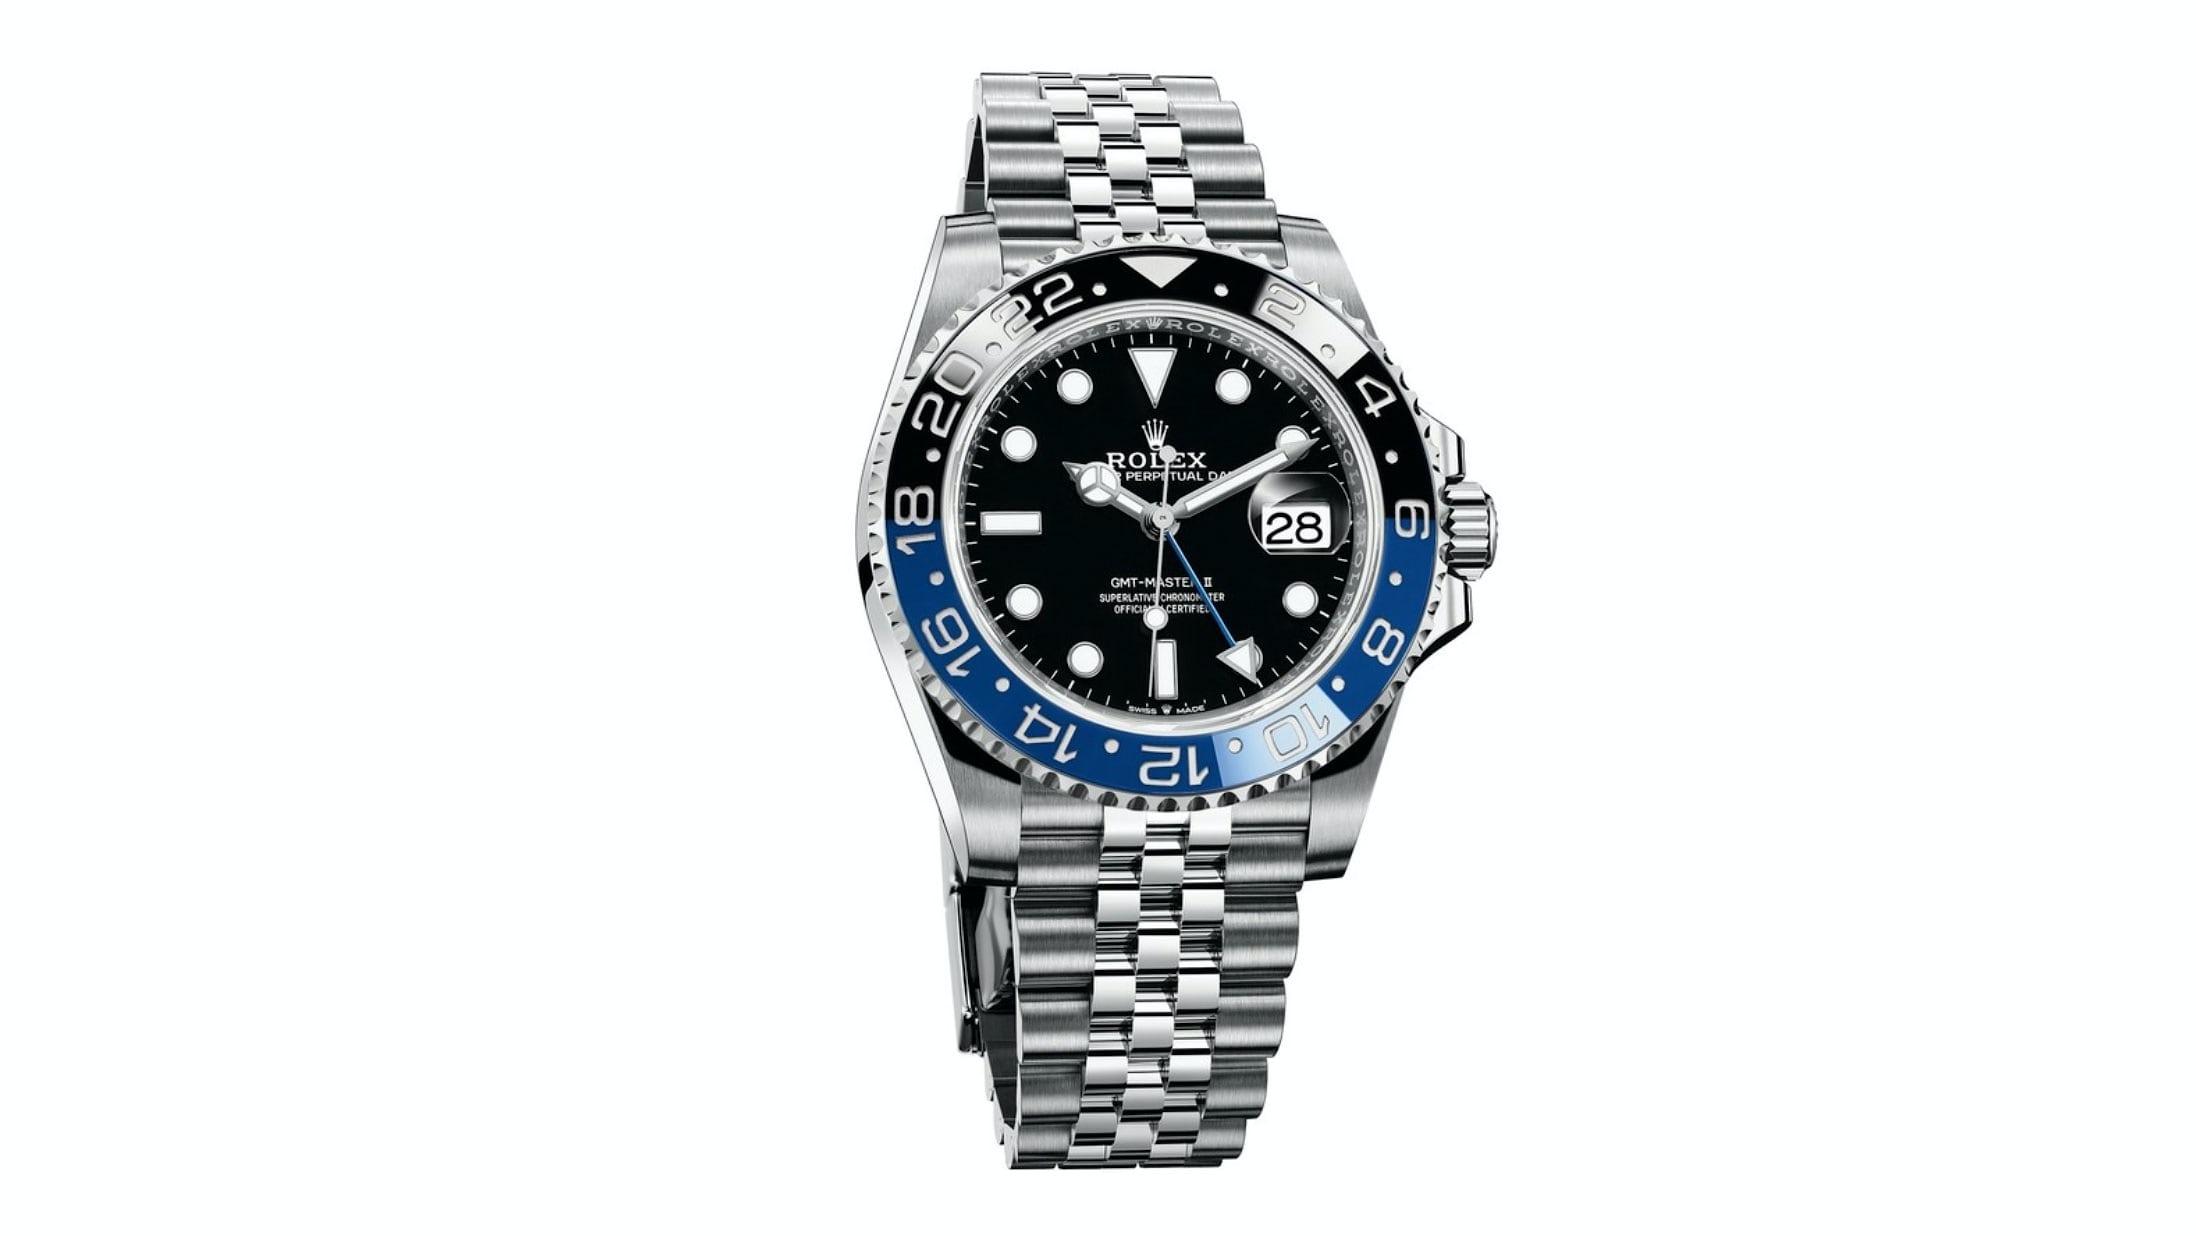 1107791d74e7b Introducing: The Rolex GMT-Master II Ref. 126710 BLNR, An Updated 'Batman'  With Jubilee Bracelet & Caliber 3285 - HODINKEE